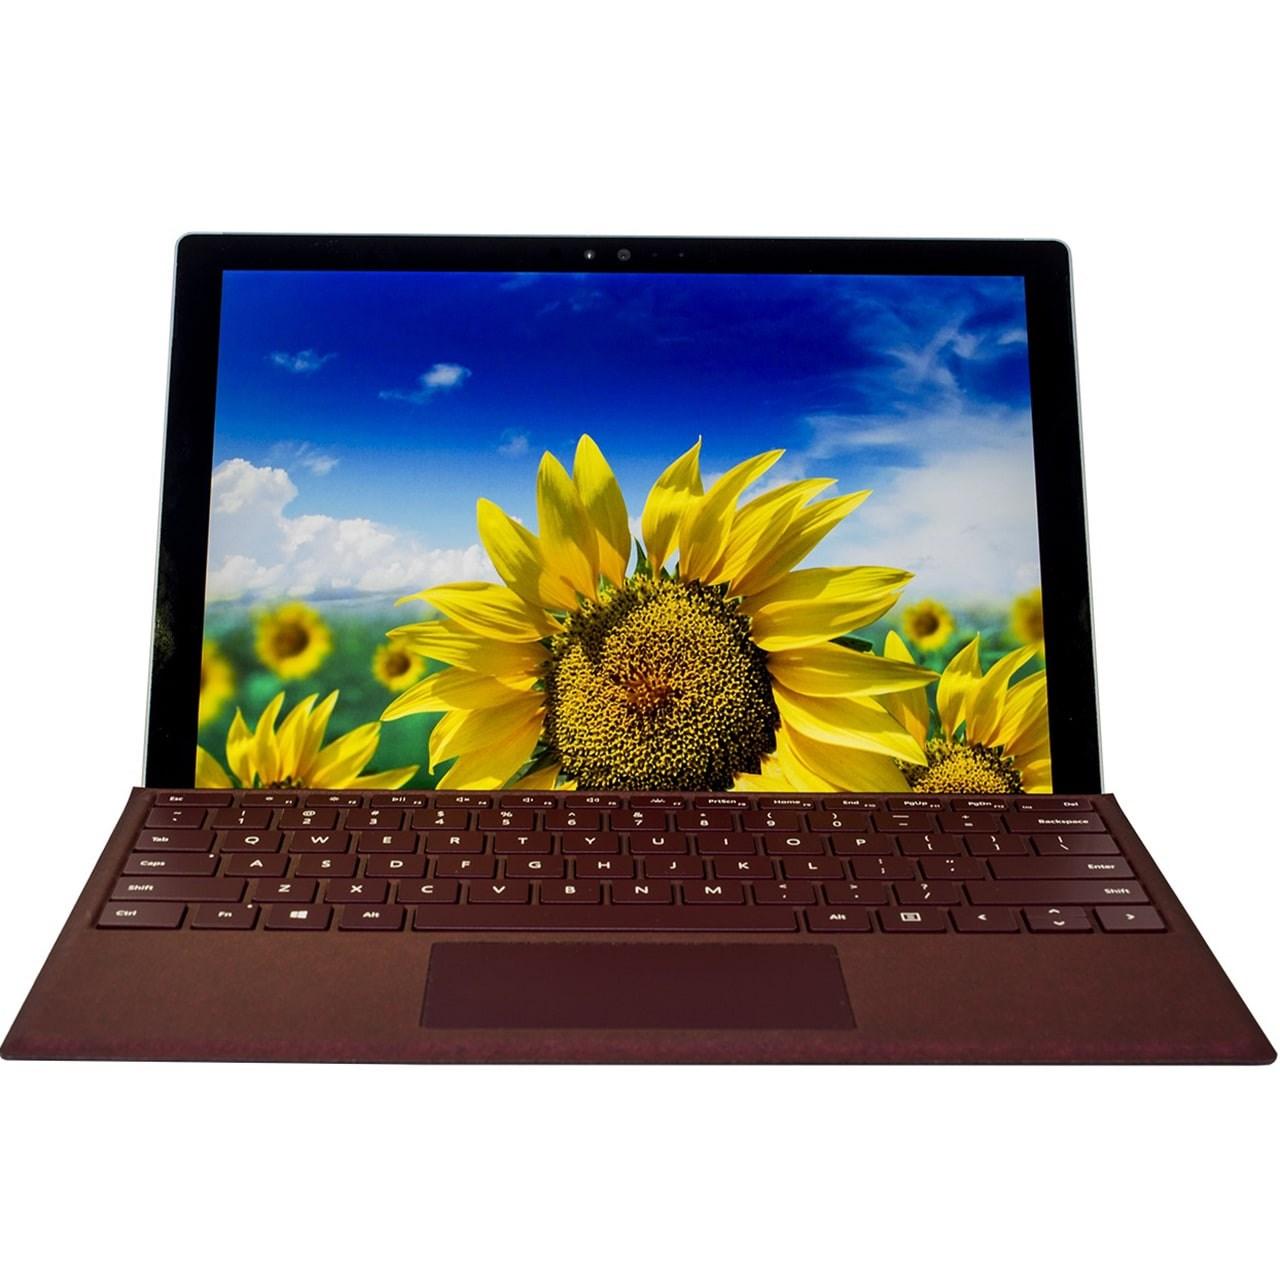 تبلت مایکروسافت مدل Surface Pro 2017 - C به همراه کیبورد Burgundy Signature Type Cover - ظرفیت 256 گیگابایت